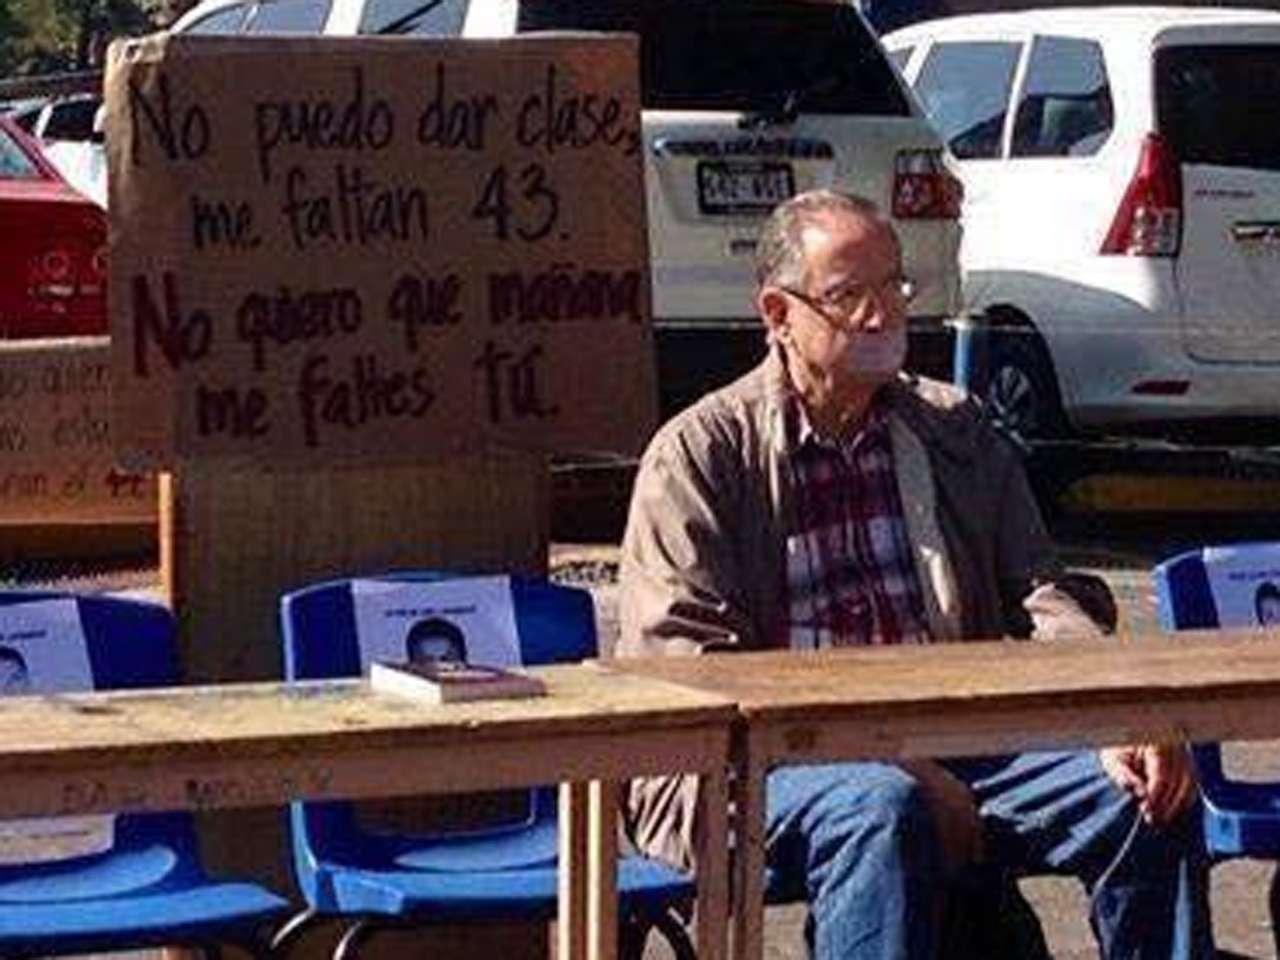 """Maestros de la Universidad Autónoma Metropolitana (UAM) de Xochimilco, realizaron una protesta que se hizo viral en redes sociales en la que se declararon en huelga, ya """"que no pueden dar clases pues les faltan 43 alumnos"""", en alusión a los estudiantes de la Normal Rural de Ayotzinapa, desaparecidos desde el 26 de septiembre en Iguala, Guerrero. Foto: @Revolux10"""